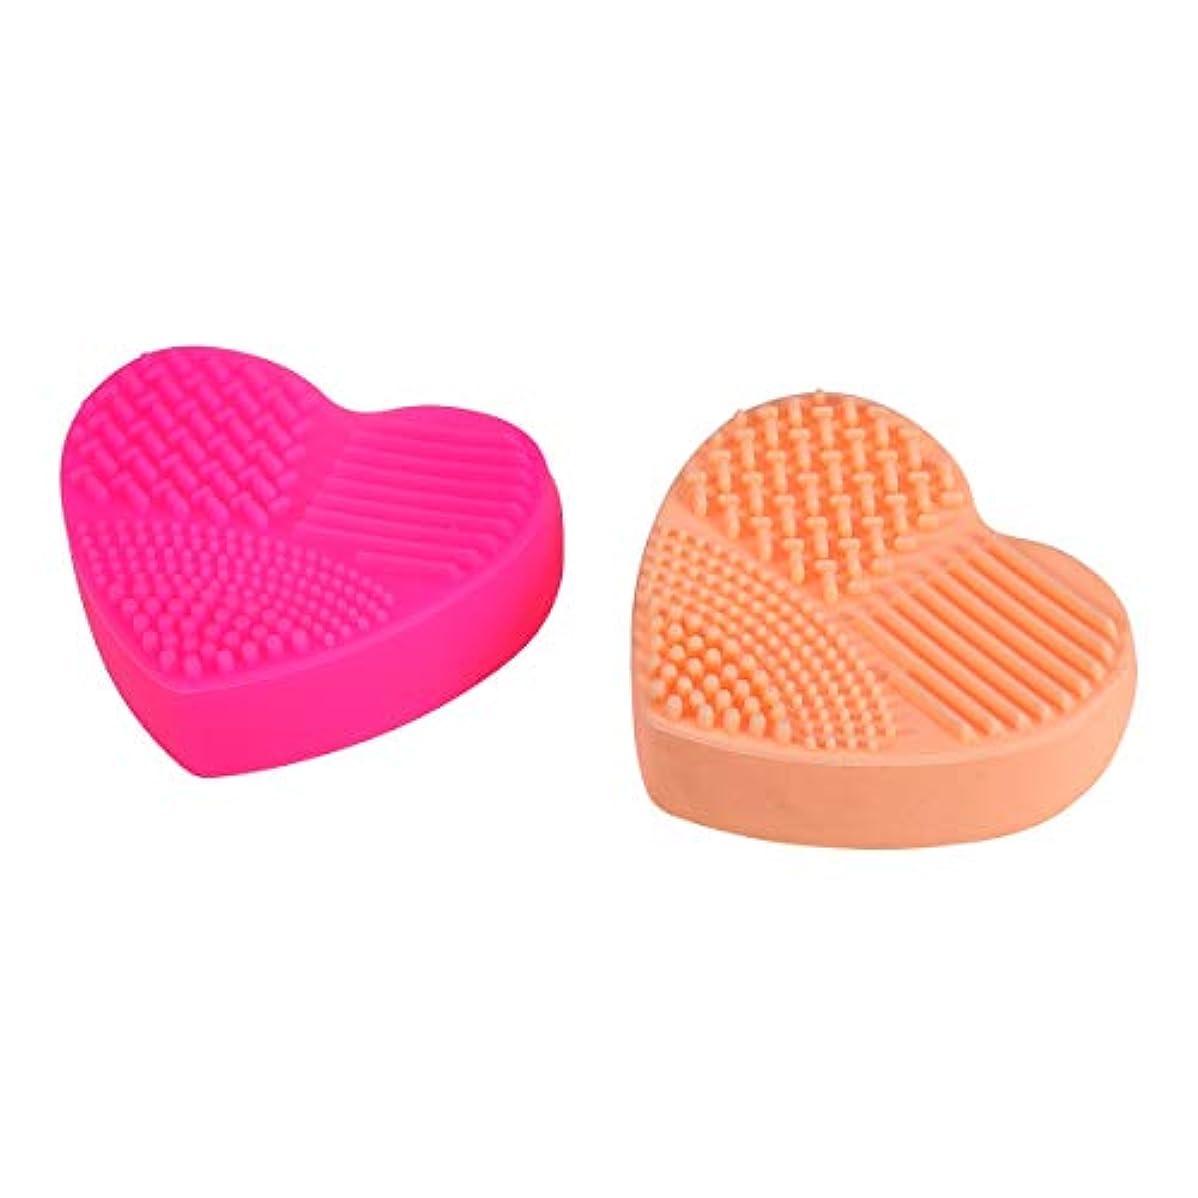 巨人例外ペチュランスBeaupretty 2本シリコン化粧ブラシクリーニングマットハート型化粧ブラシクリーニングパッドポータブル洗濯道具(バラ色、オレンジ)